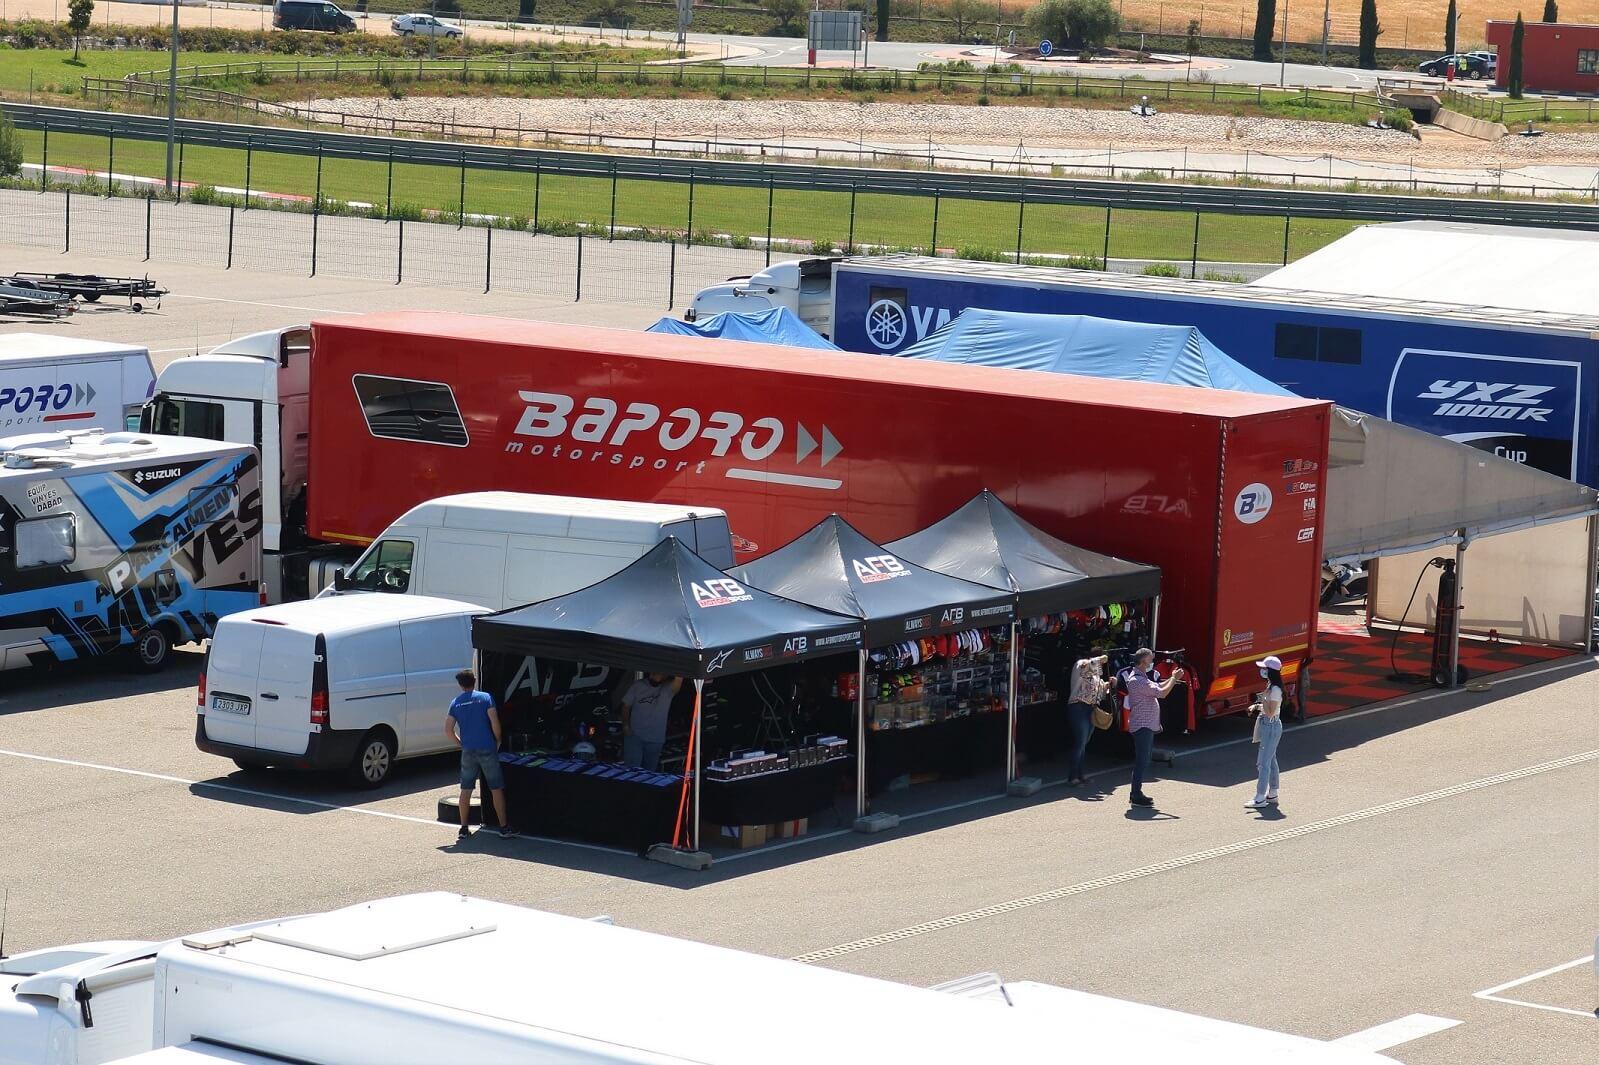 AFB Motorsport tienda circuito Navarra